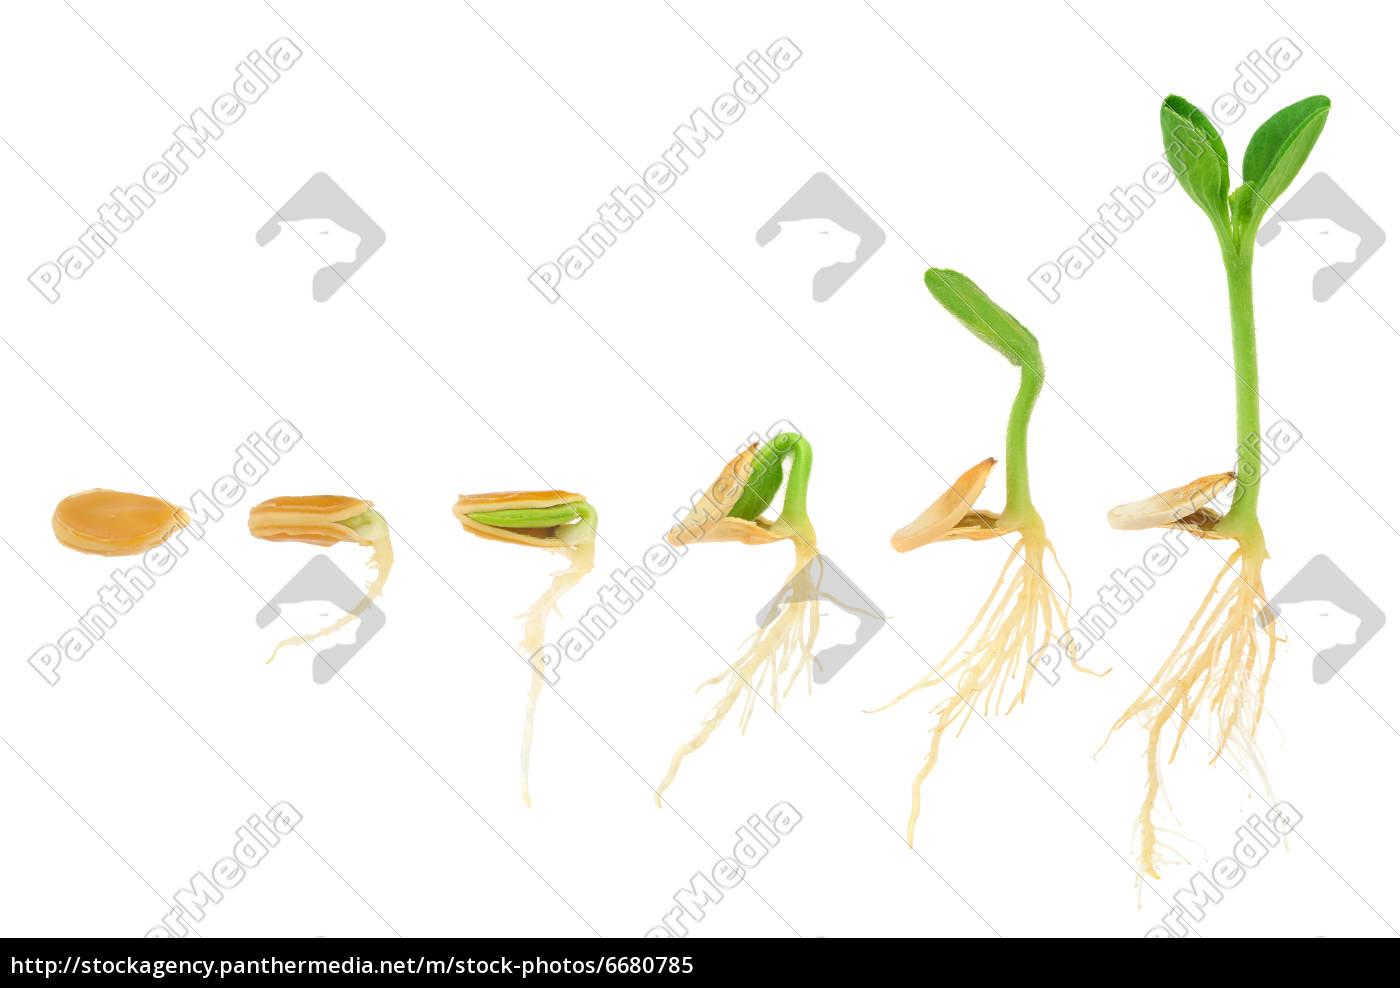 Reihenfolge Der Kurbis Pflanze Isoliert Lizenzfreies Bild